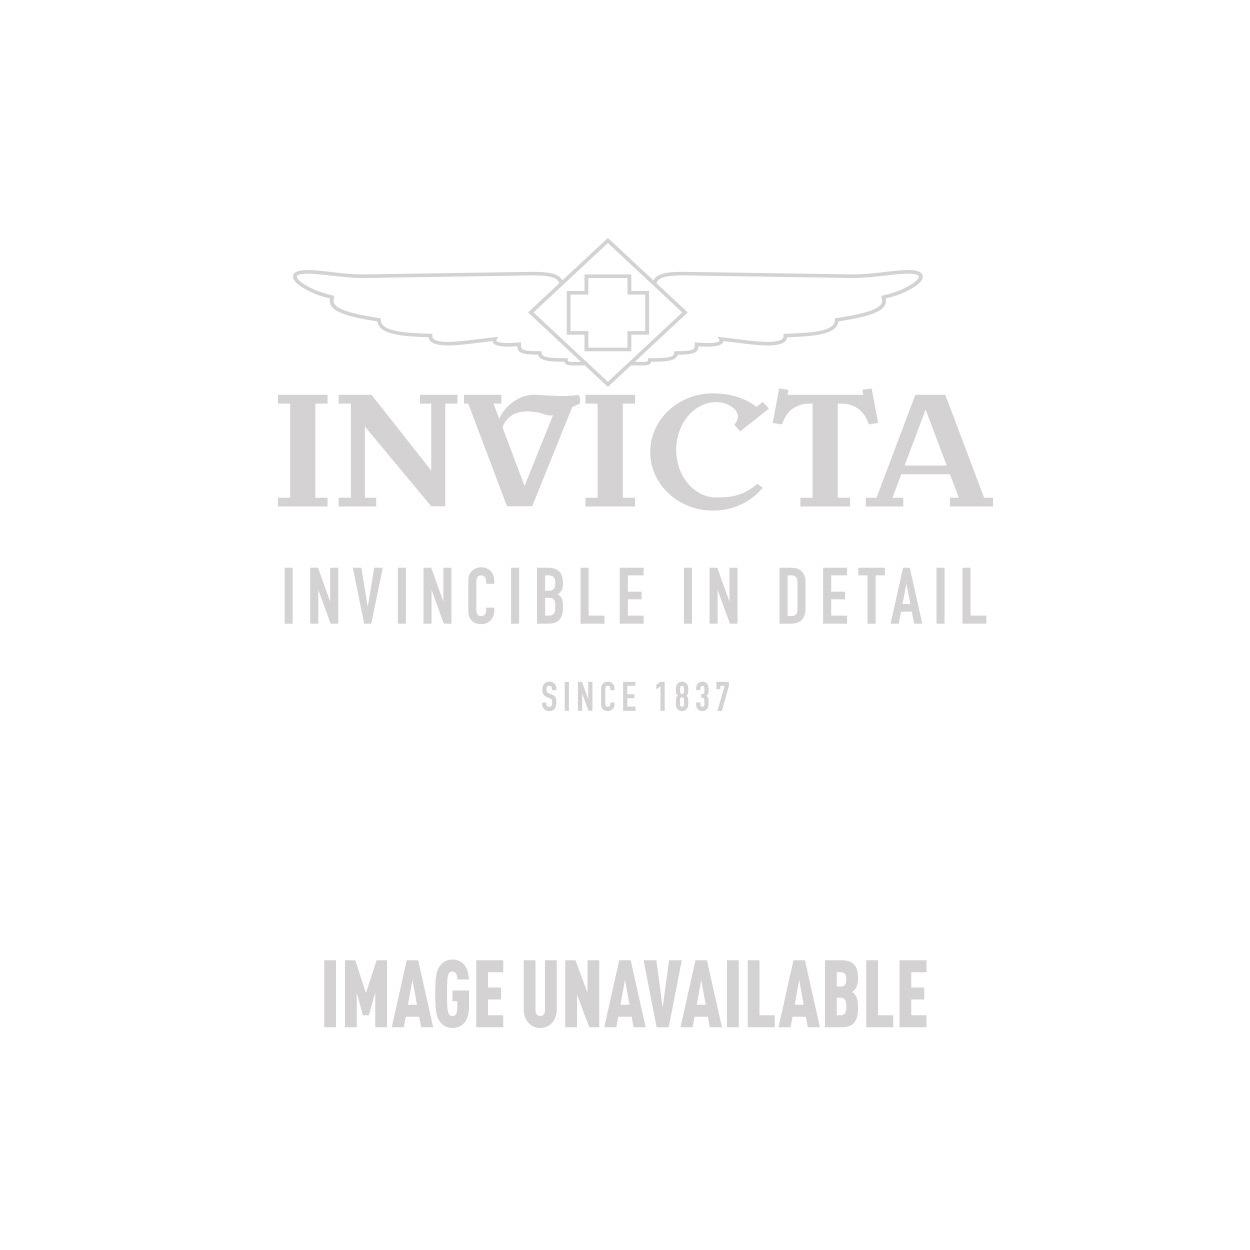 Invicta Model 25071